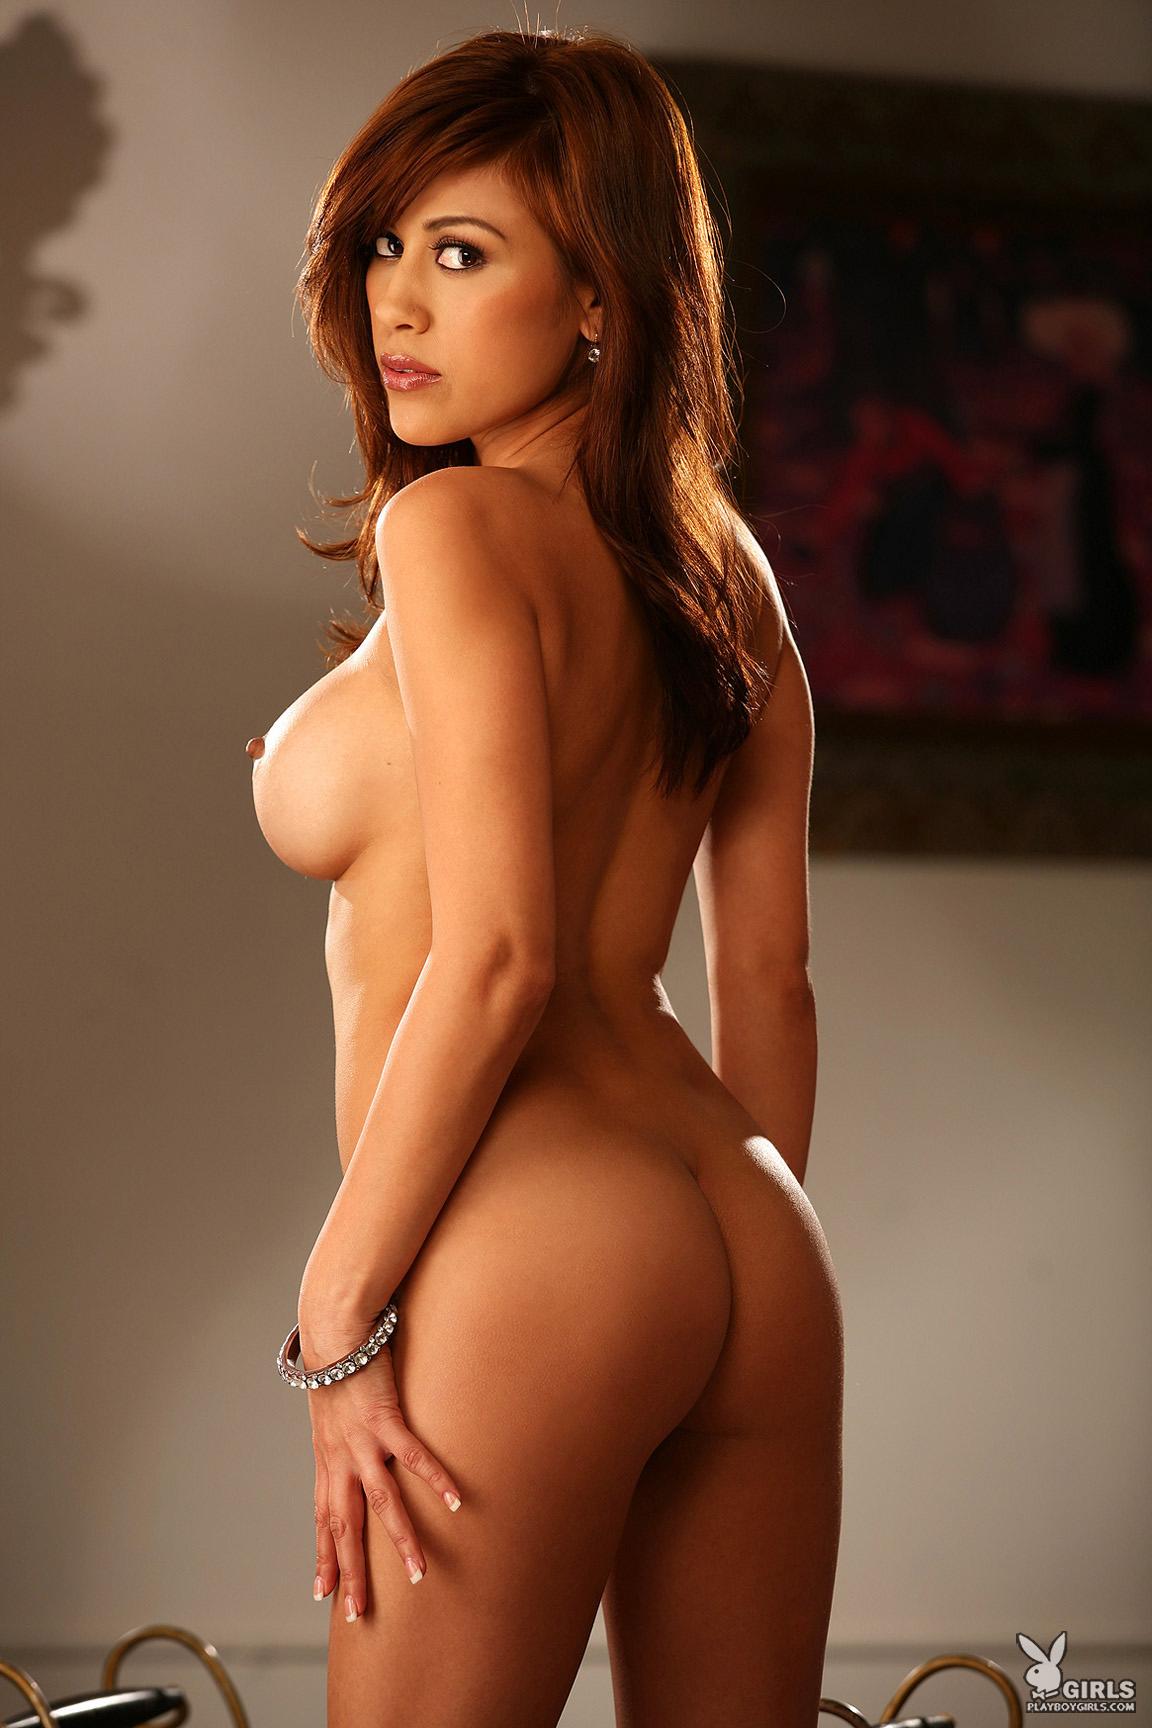 Marisol DeLa Cruz Gallery > Sexy Beauties